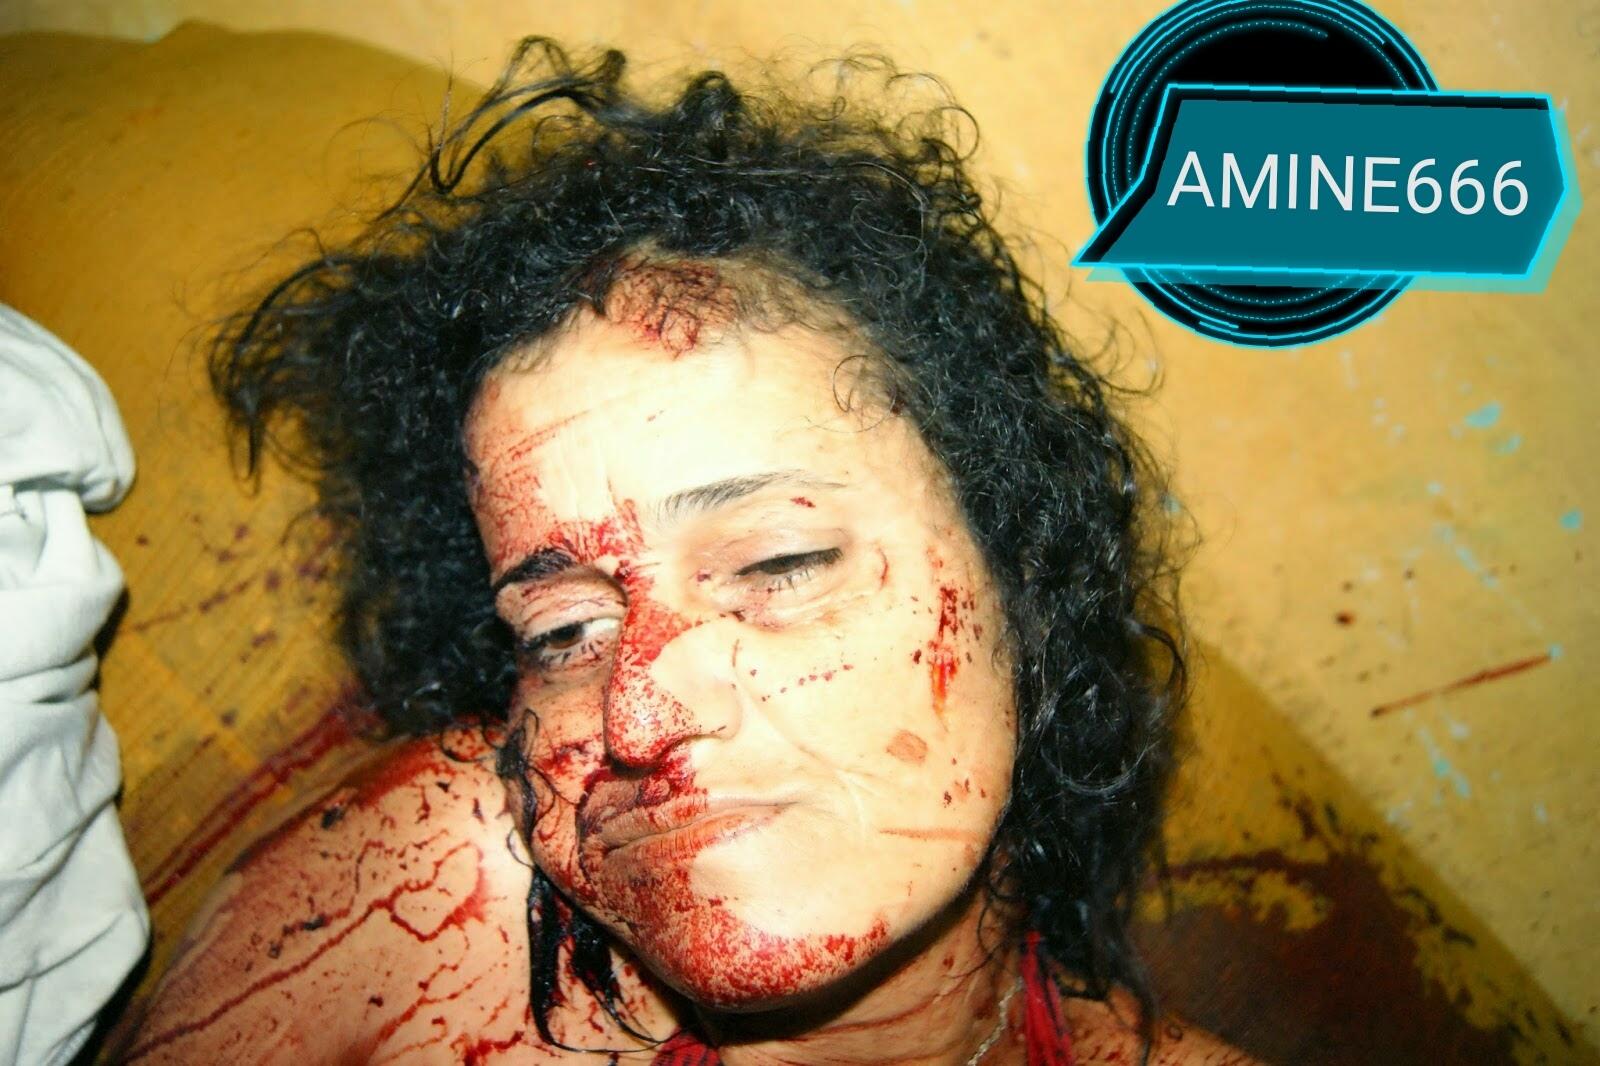 【閲覧注意】麻薬絡みのトラブルで殺された外国人女性、表情ヤバい・・・・・(画像)・5枚目